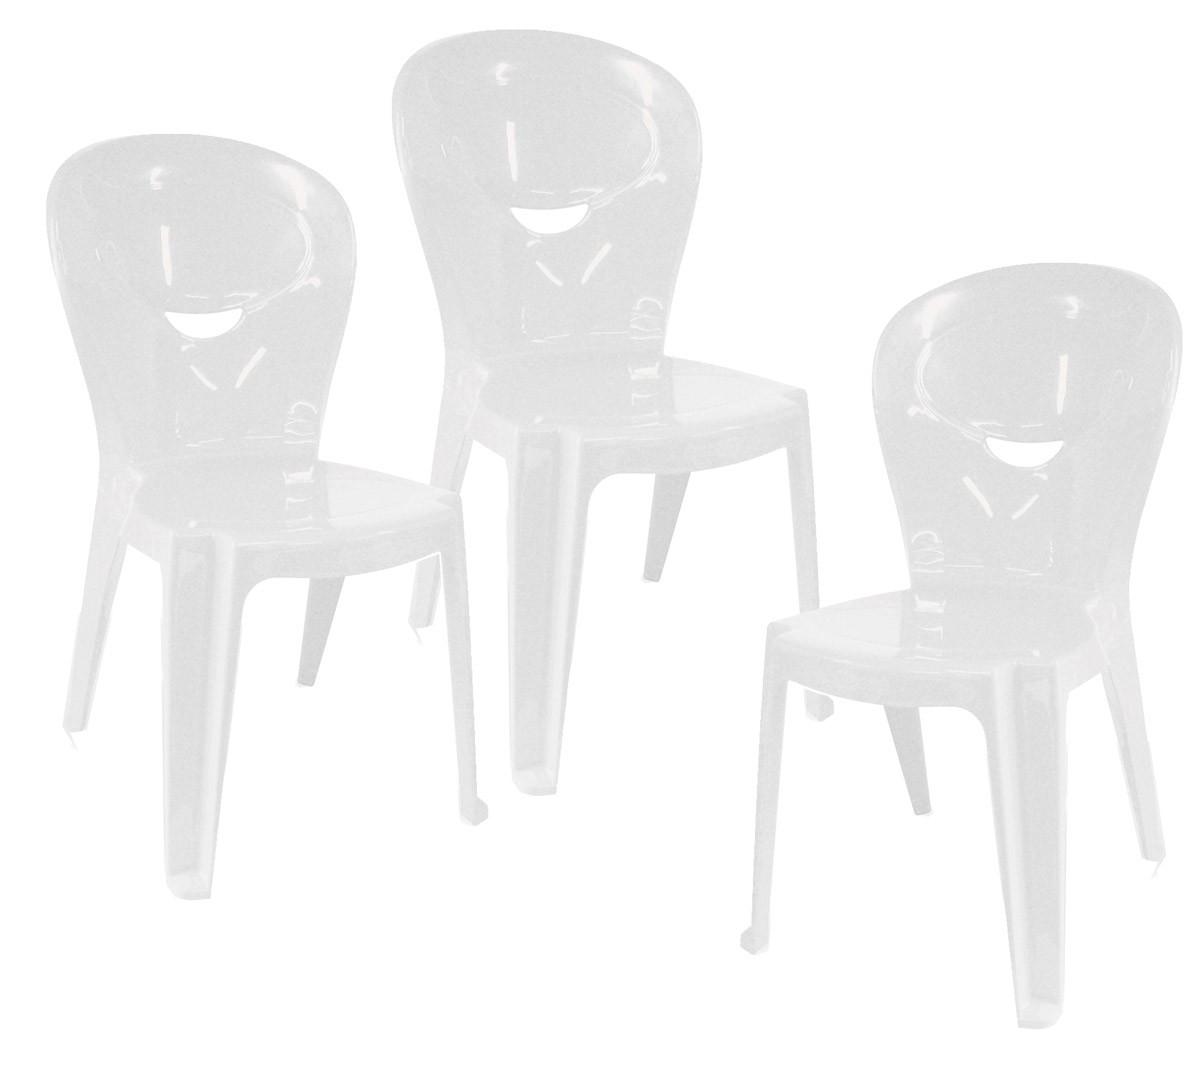 Kit 3 Cadeiras Infantil Vice Brancas - Ponta de estoque